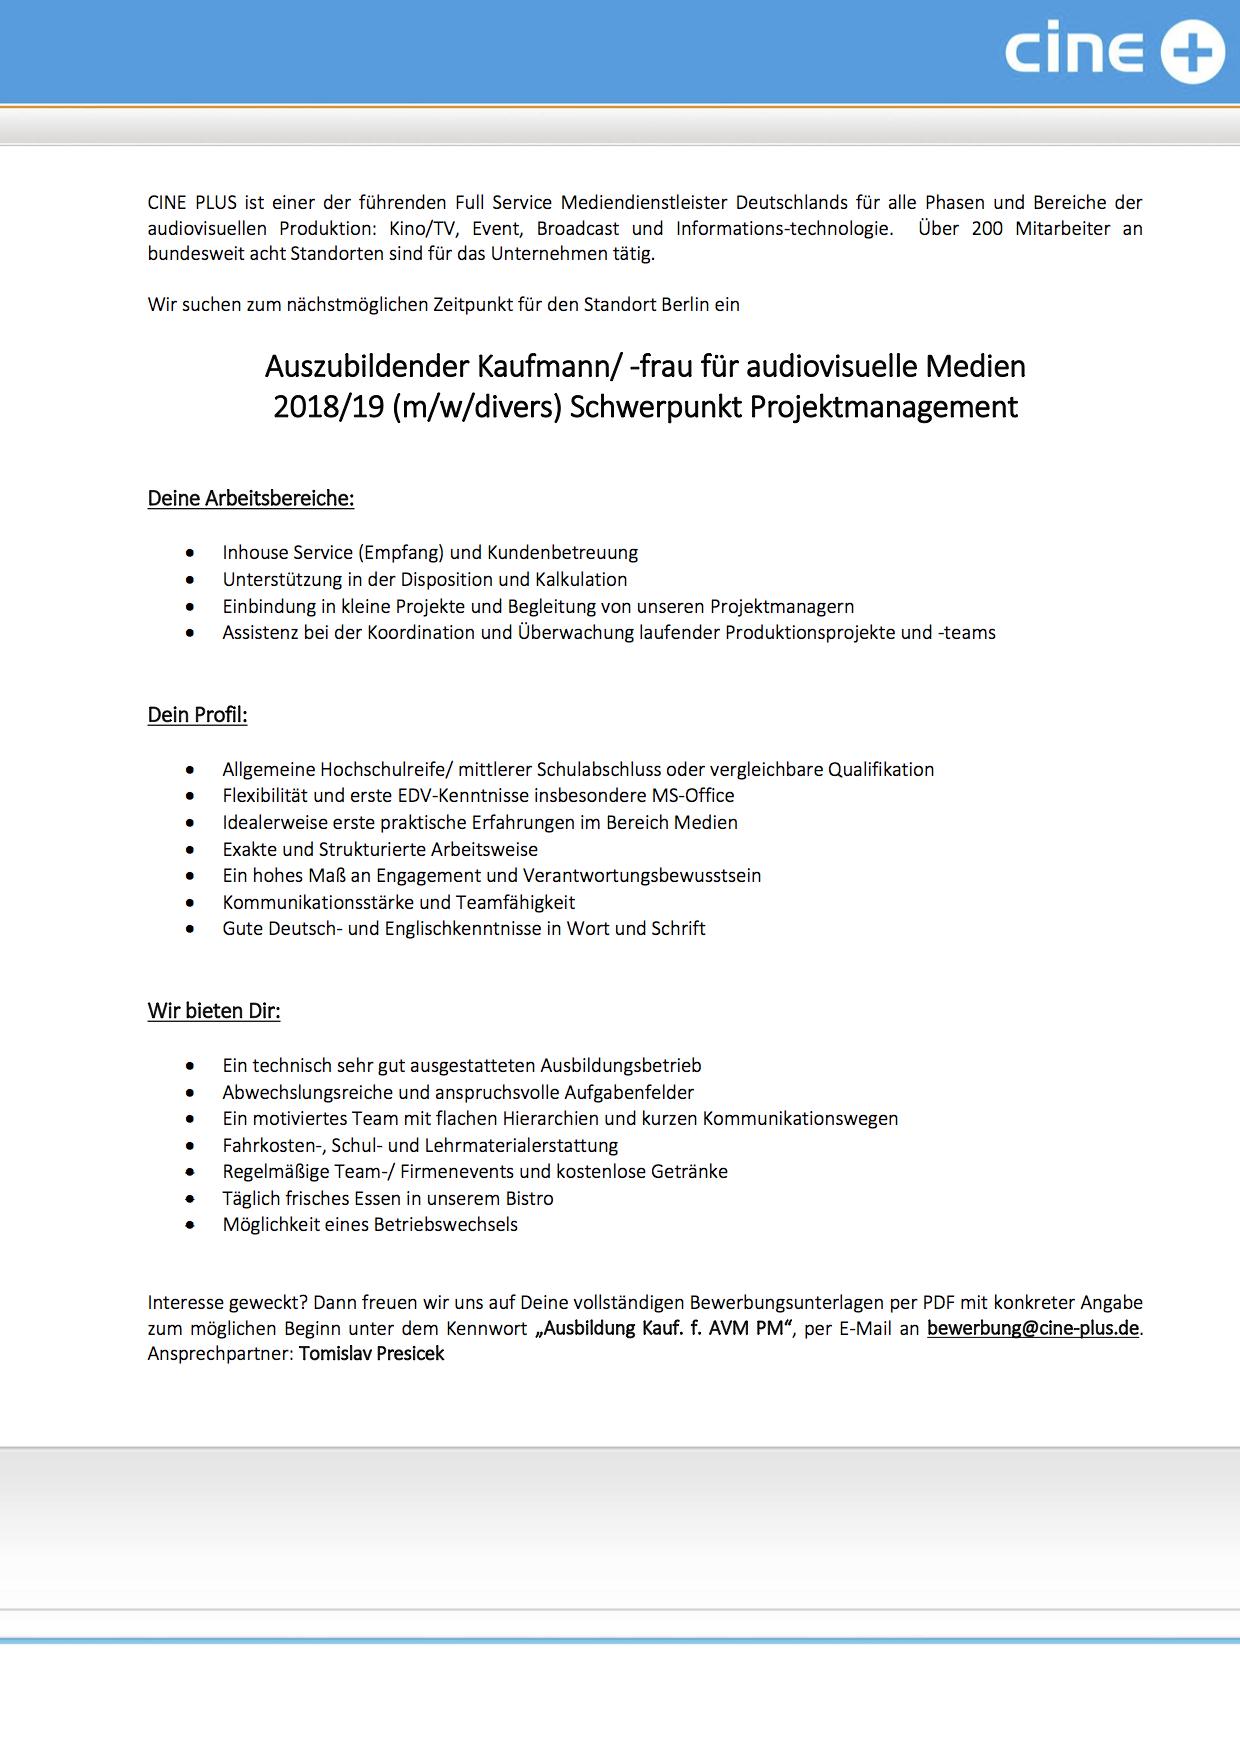 cine plus Media Service GmbH & Co. KG (Berlin) sucht Auszubildender ...